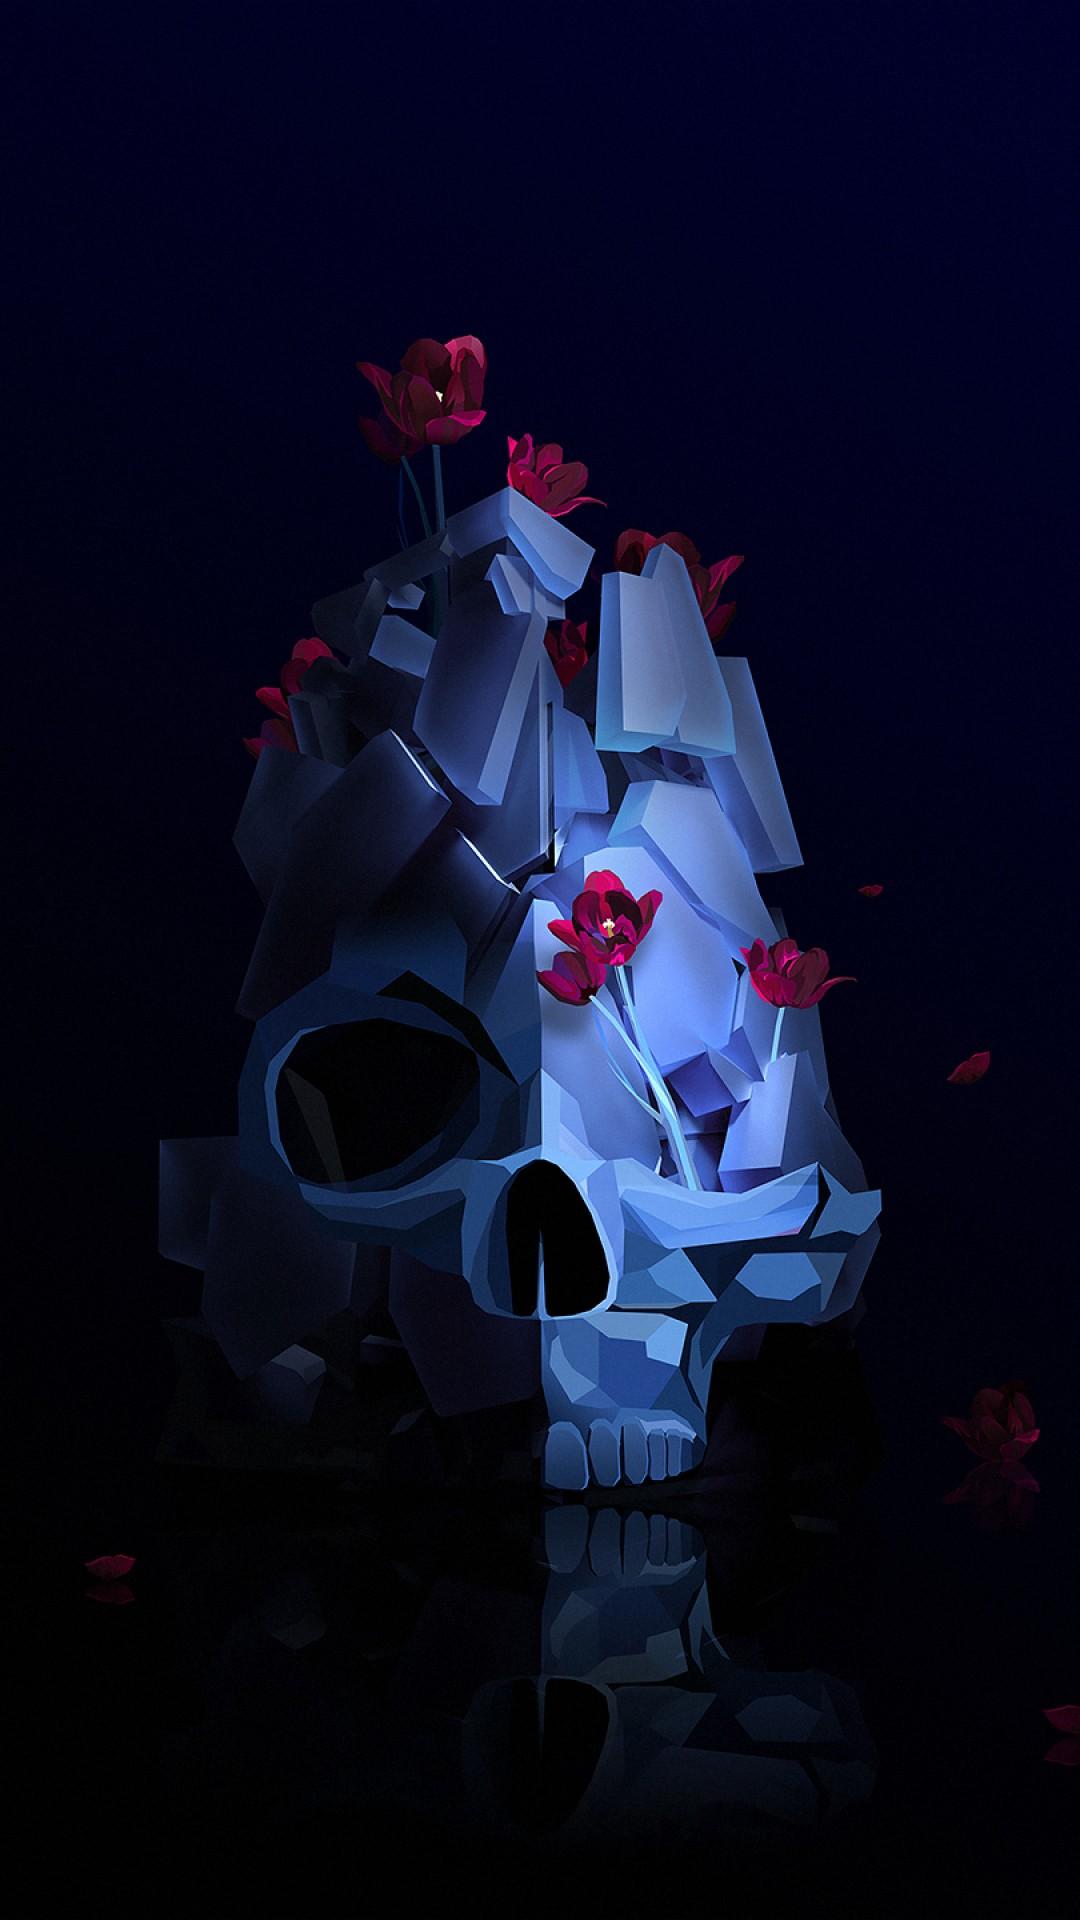 Wallpaper Skull  Flower  3d  Hd  Abstract  16380